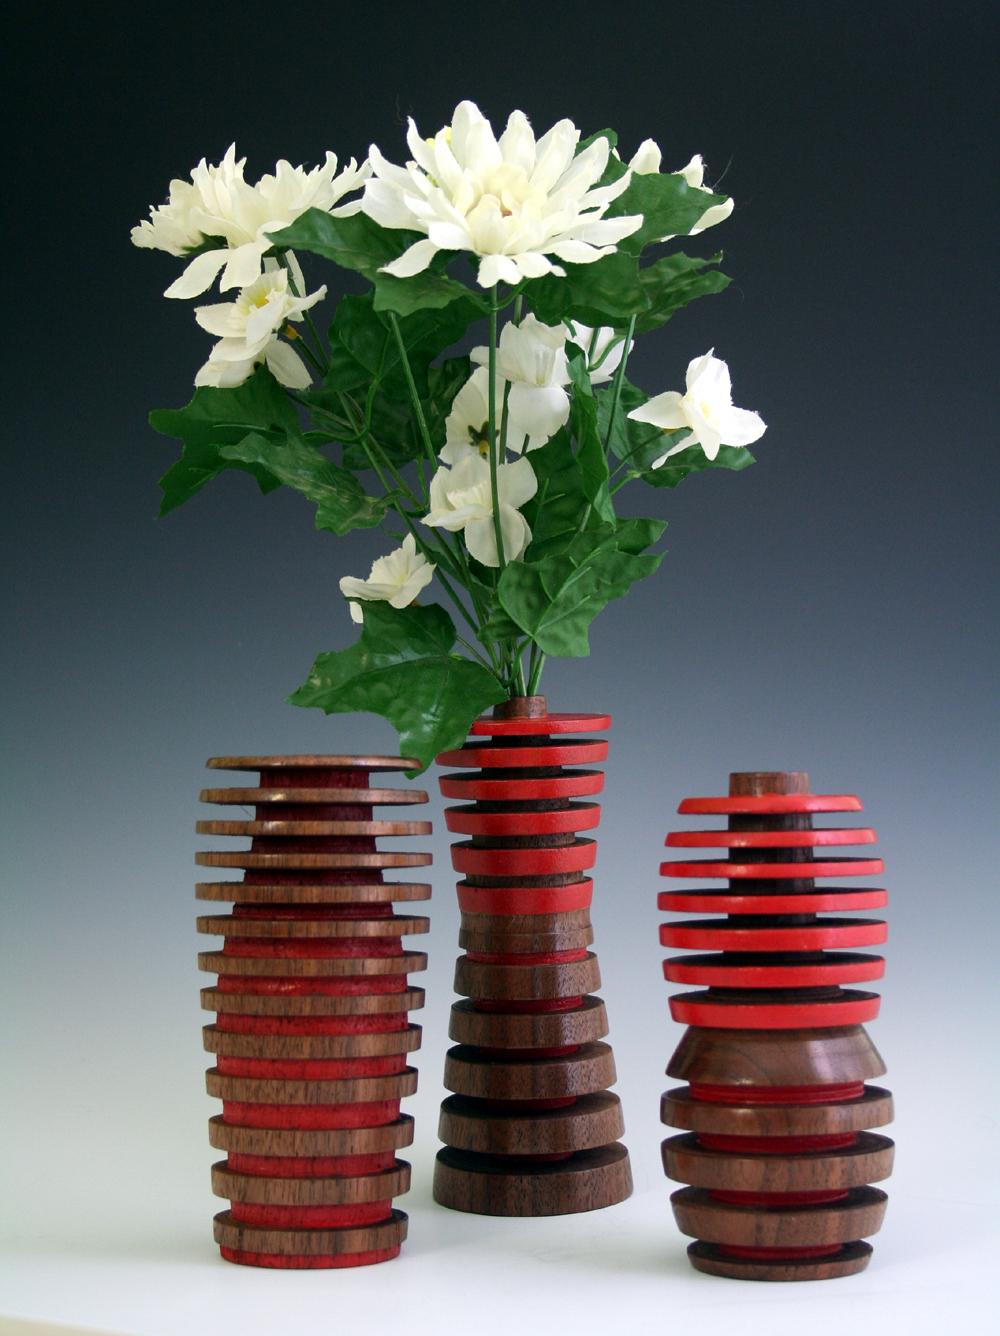 39-Keefer2_vase-in-vase3.JPG